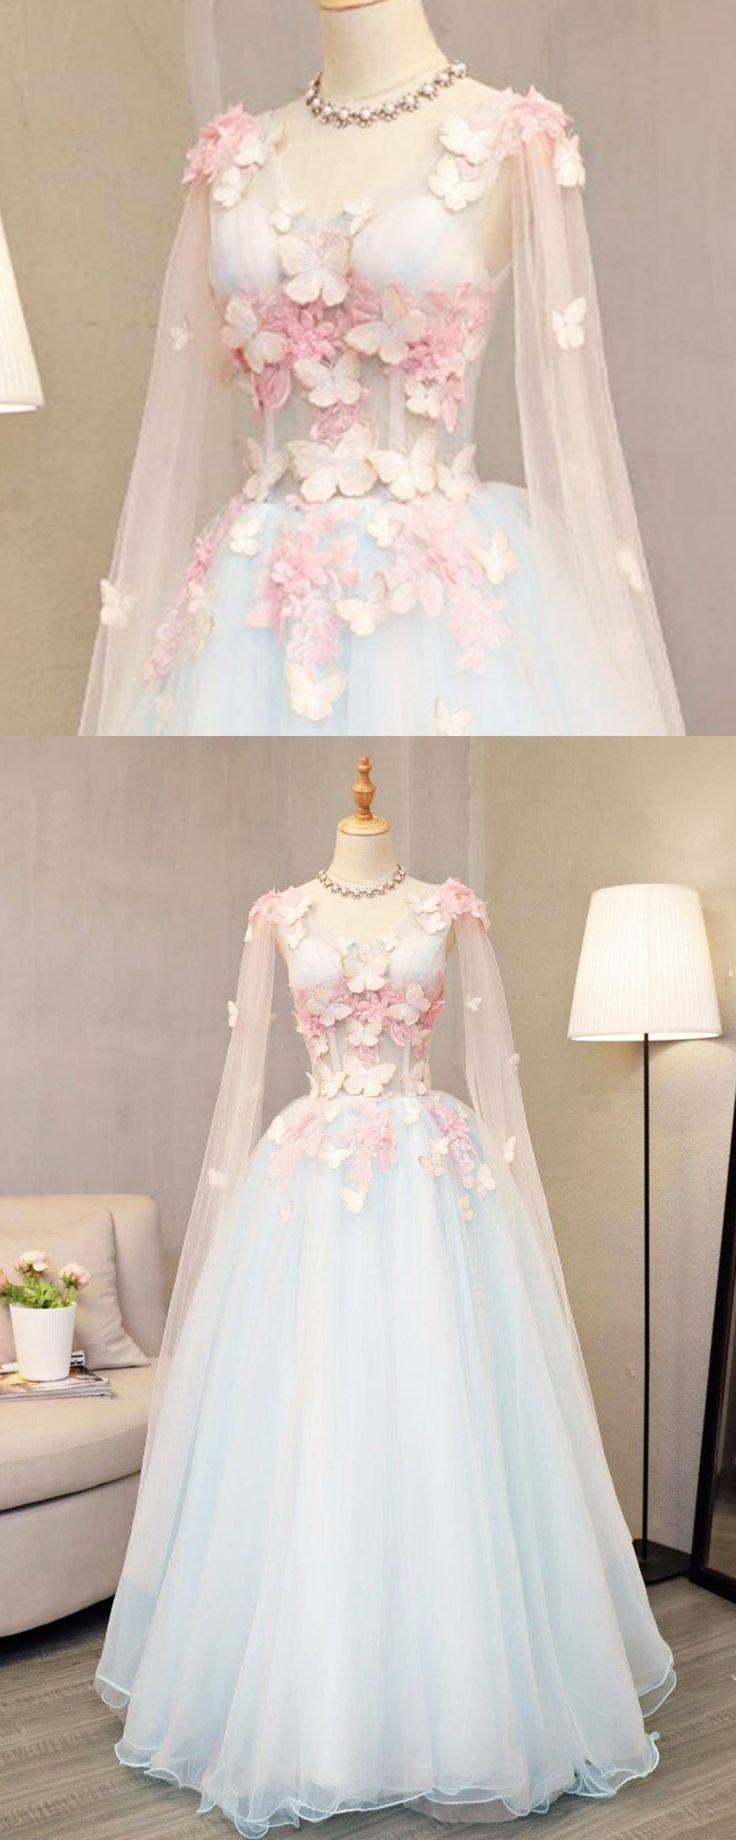 Himmelblau Tüll lange A-Linie sweet 16 Abendkleid, lange V-Ausschnitt Schmetterling Partykleid